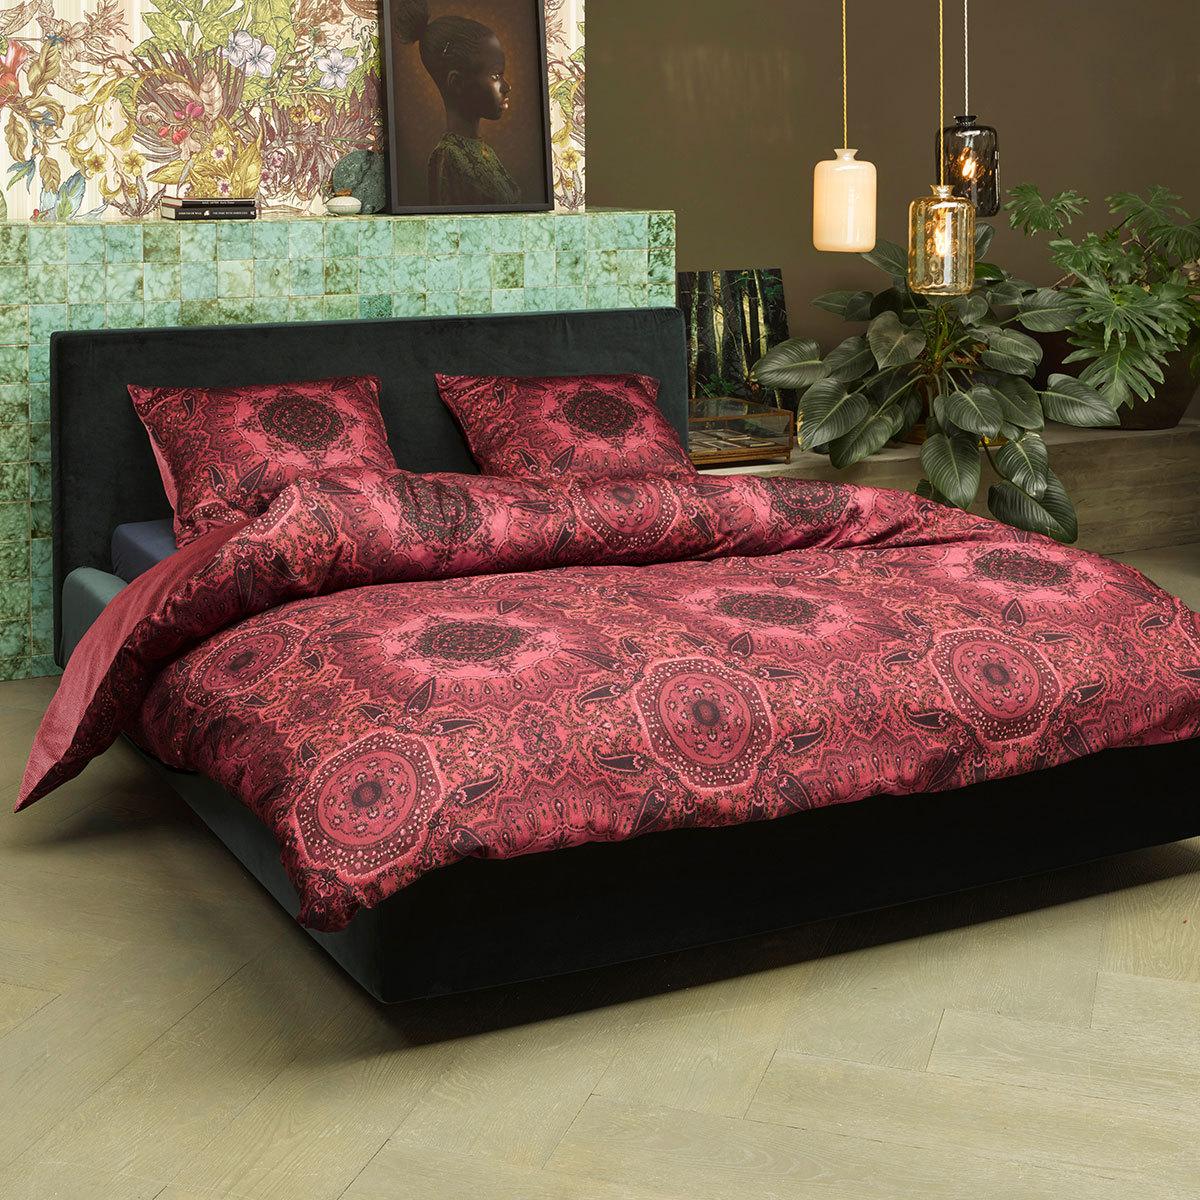 essenza mako satin bettw sche cadiz red g nstig online kaufen bei bettwaren shop. Black Bedroom Furniture Sets. Home Design Ideas